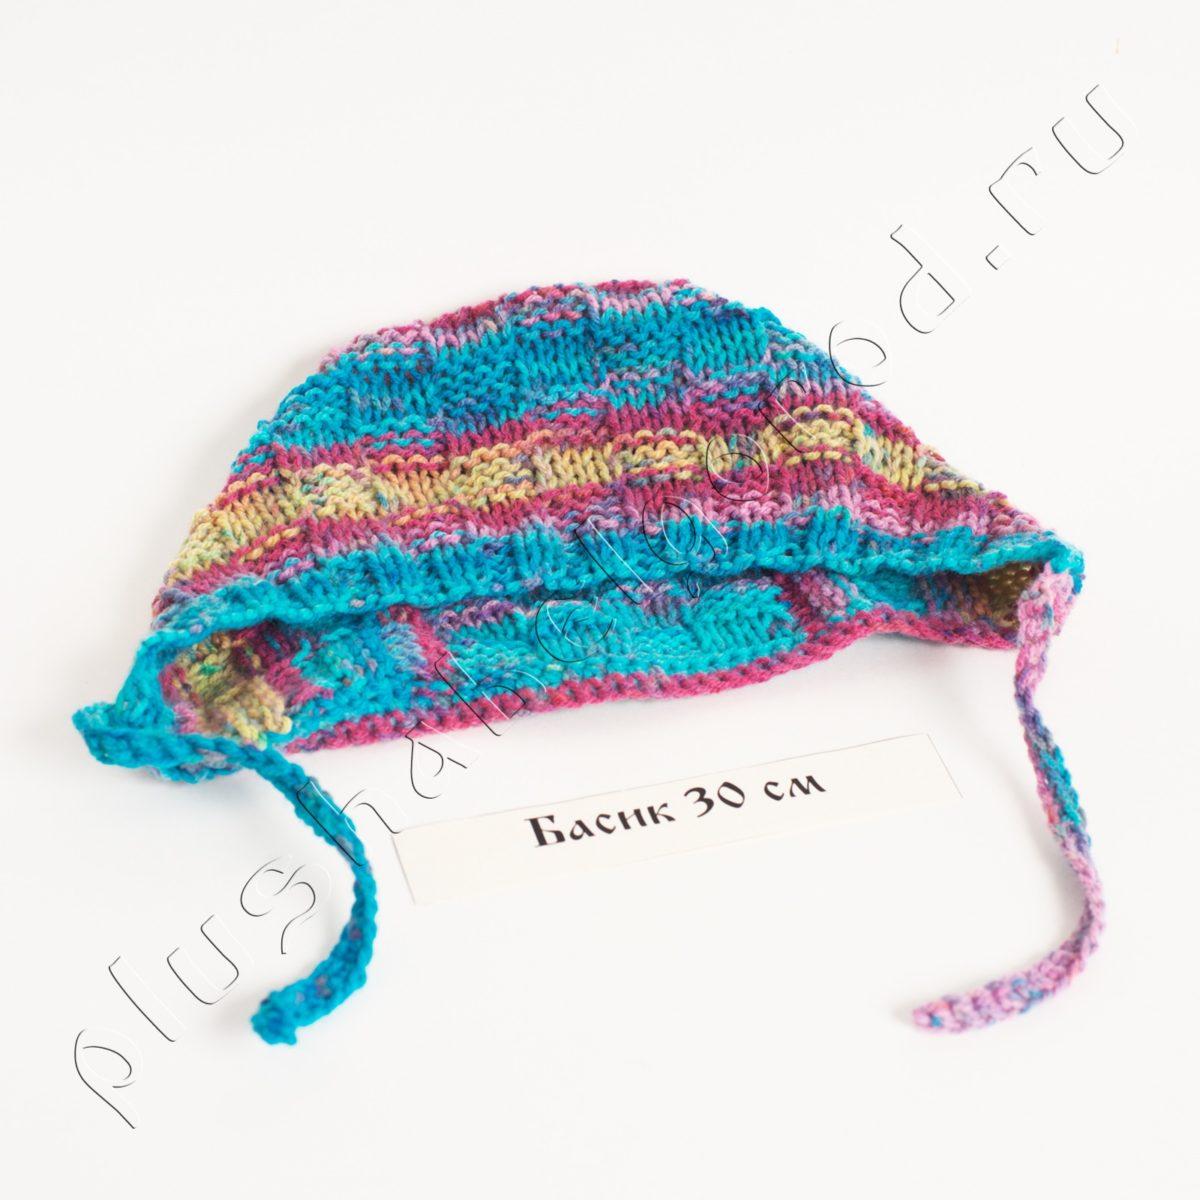 Шапочка разноцветная (30 см)